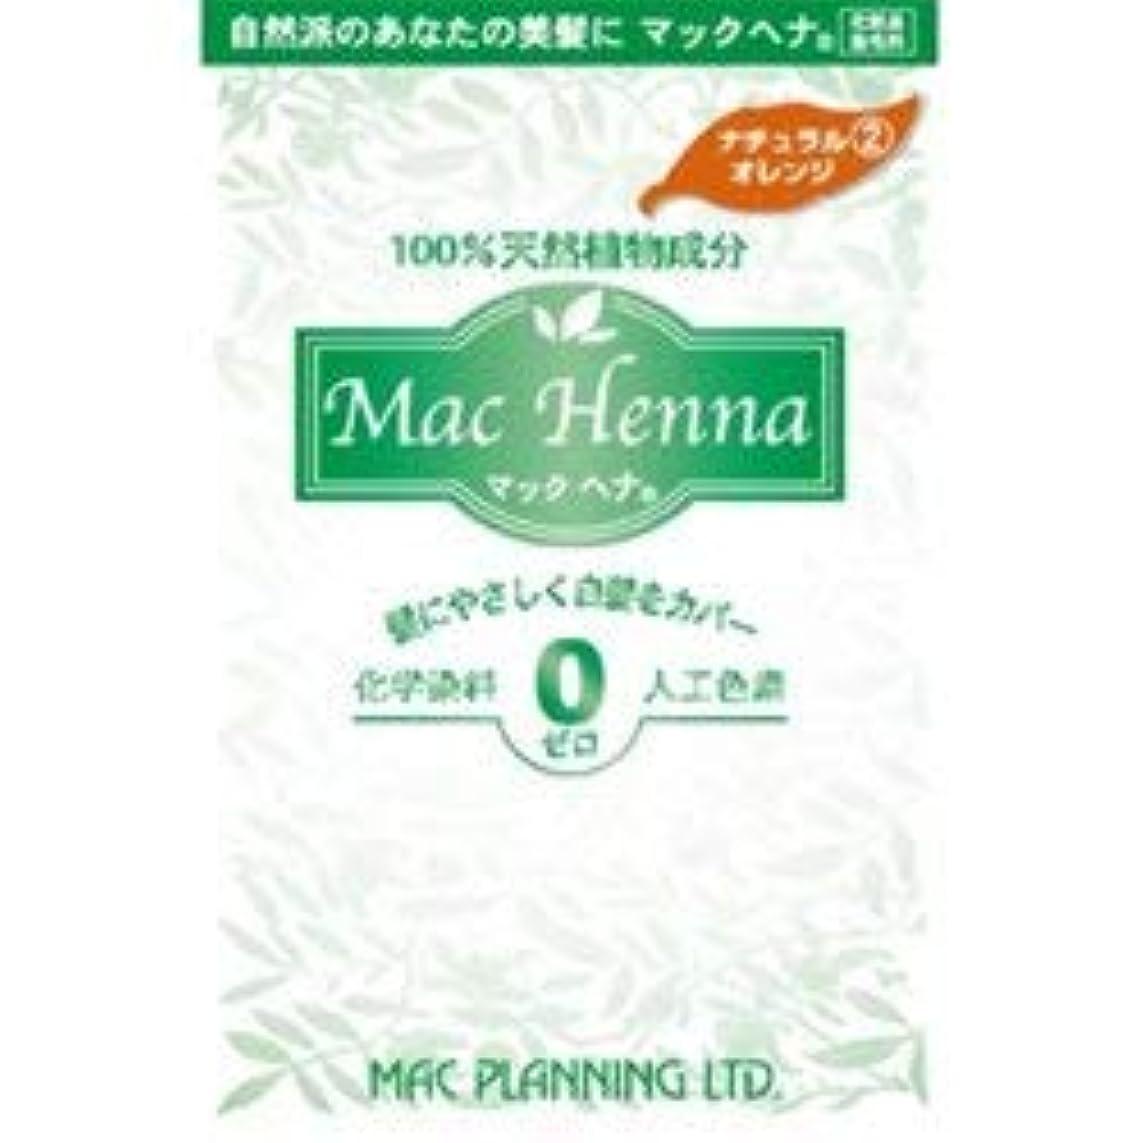 余韻露出度の高い飲料【マックプランニング】マック ヘナハーバルヘアートリートメント NOR (100g) ×20個セット